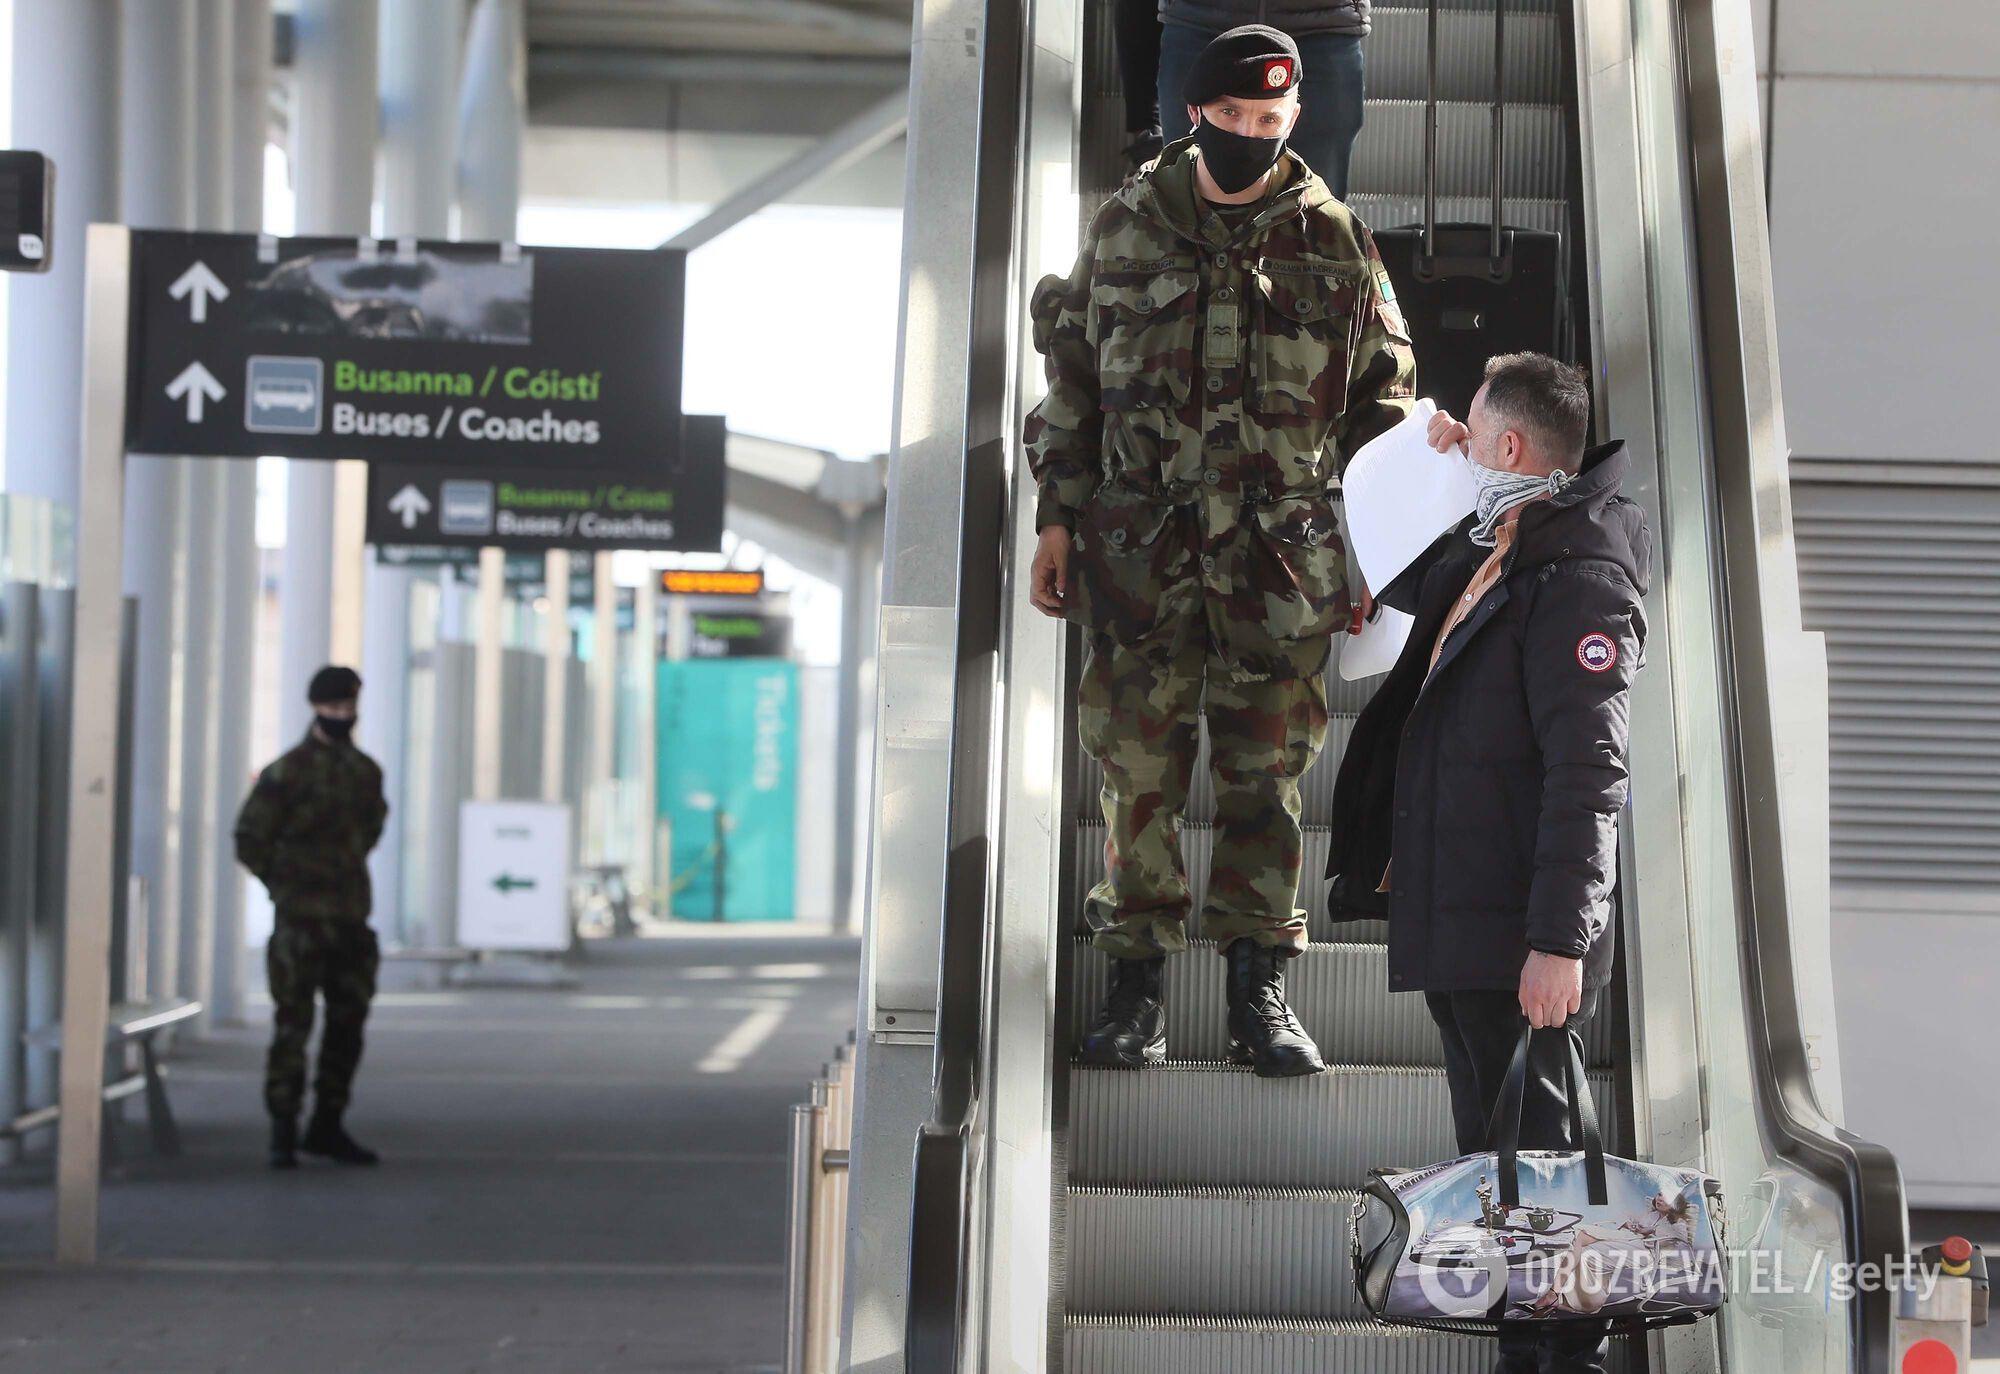 Після прибуття в аеропорт Дубліна пасажира супроводжують до автобуса, а ті, хто прилетів з однієї з 33 країн високого ризику, мають пройти обов'язковий 12-денний готельний карантин